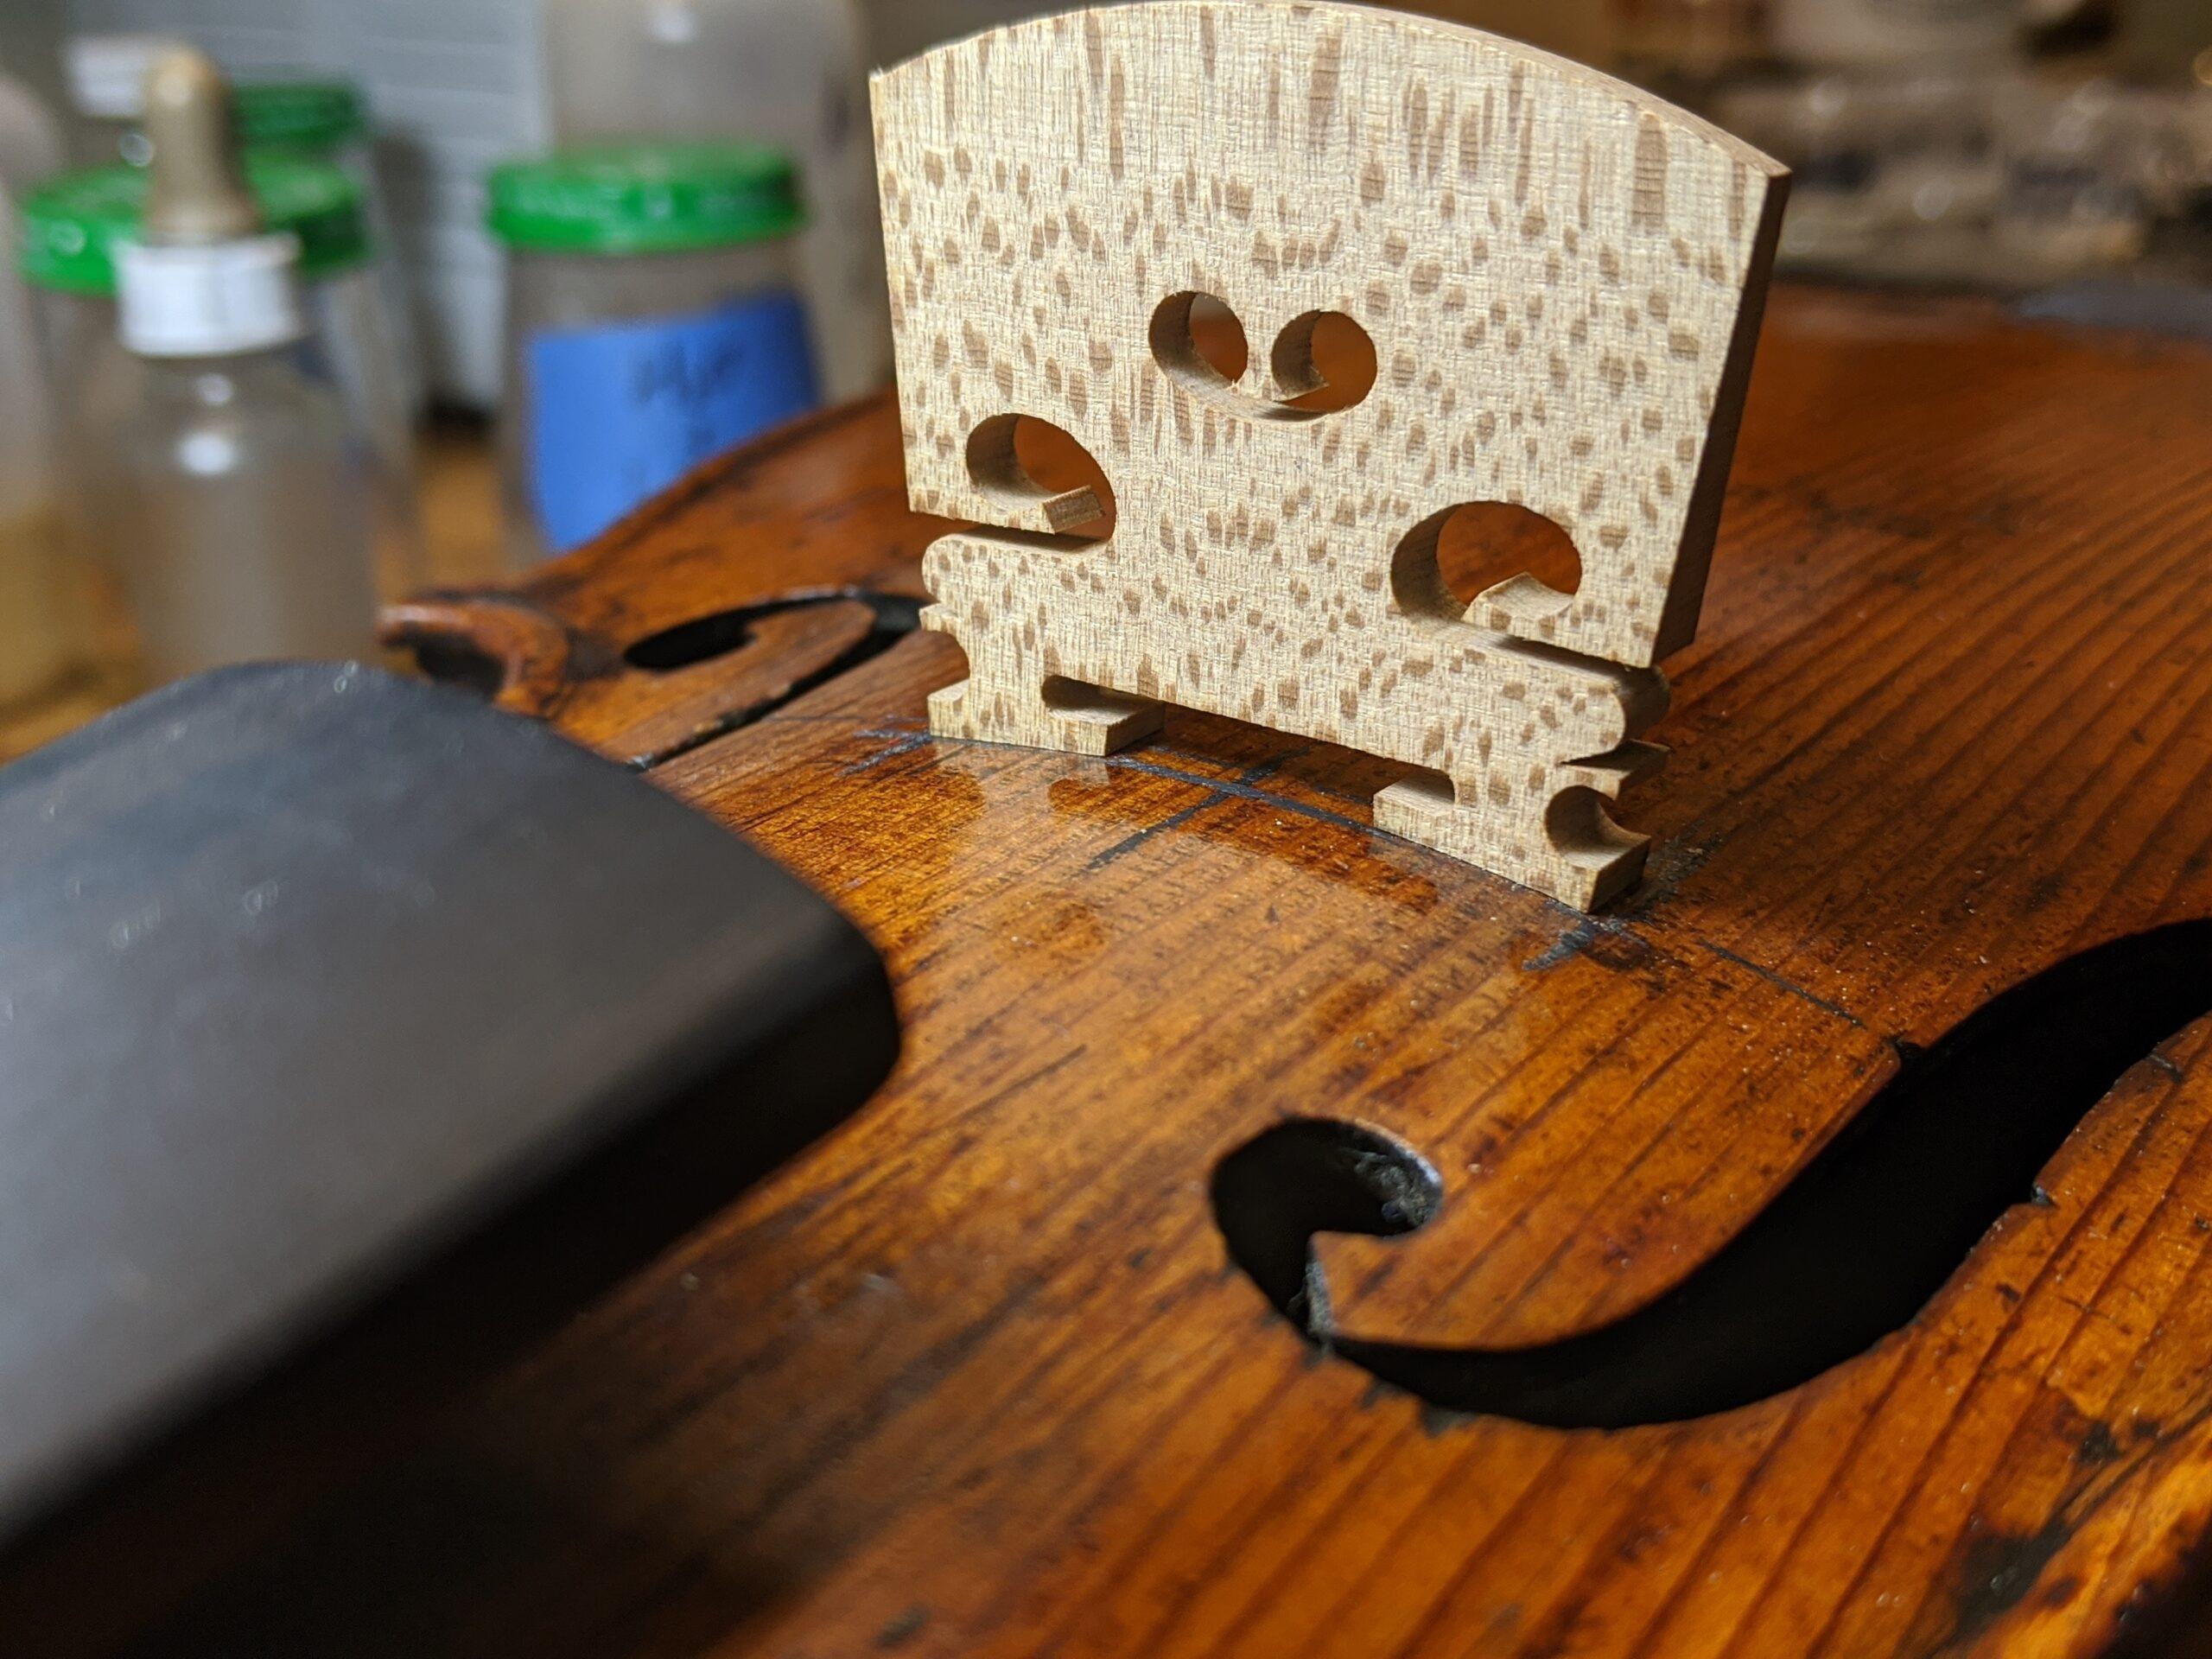 Violin-repair-fitting-new-bridge